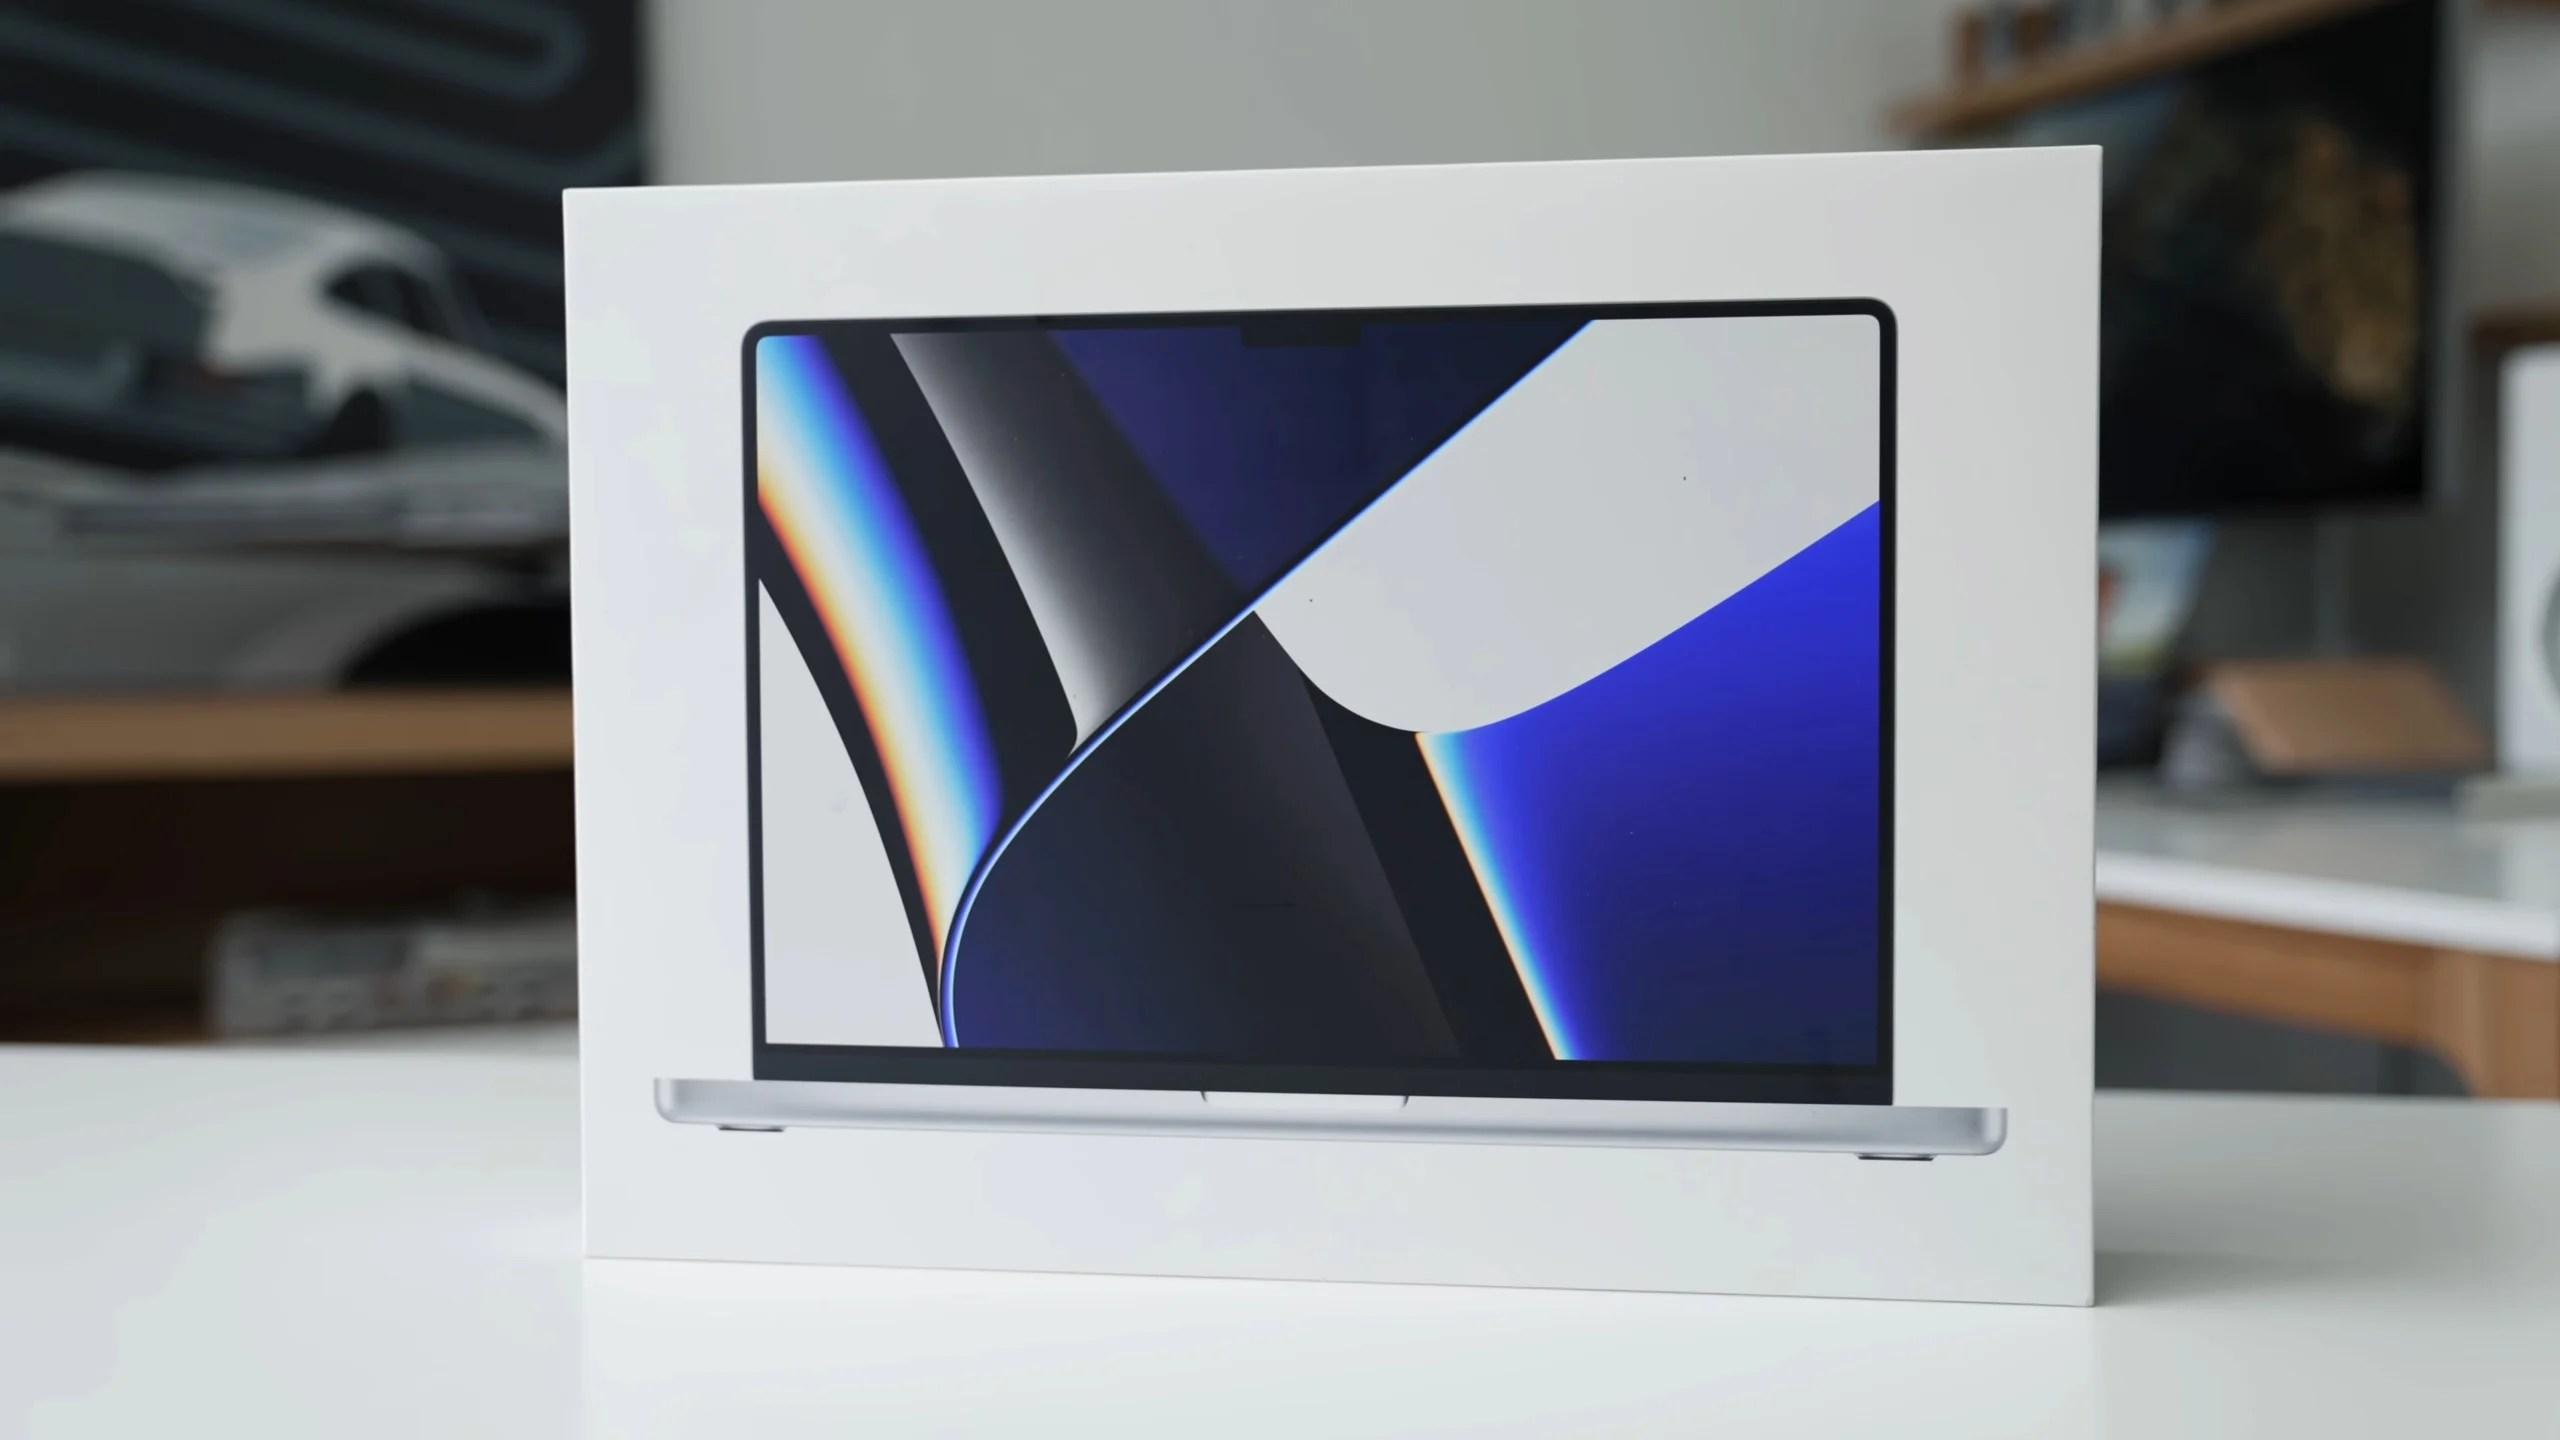 Les premiers tests des MacBook Pro 14 et 16 pouces sont là : aucune (mauvaise) surprise pour le moment